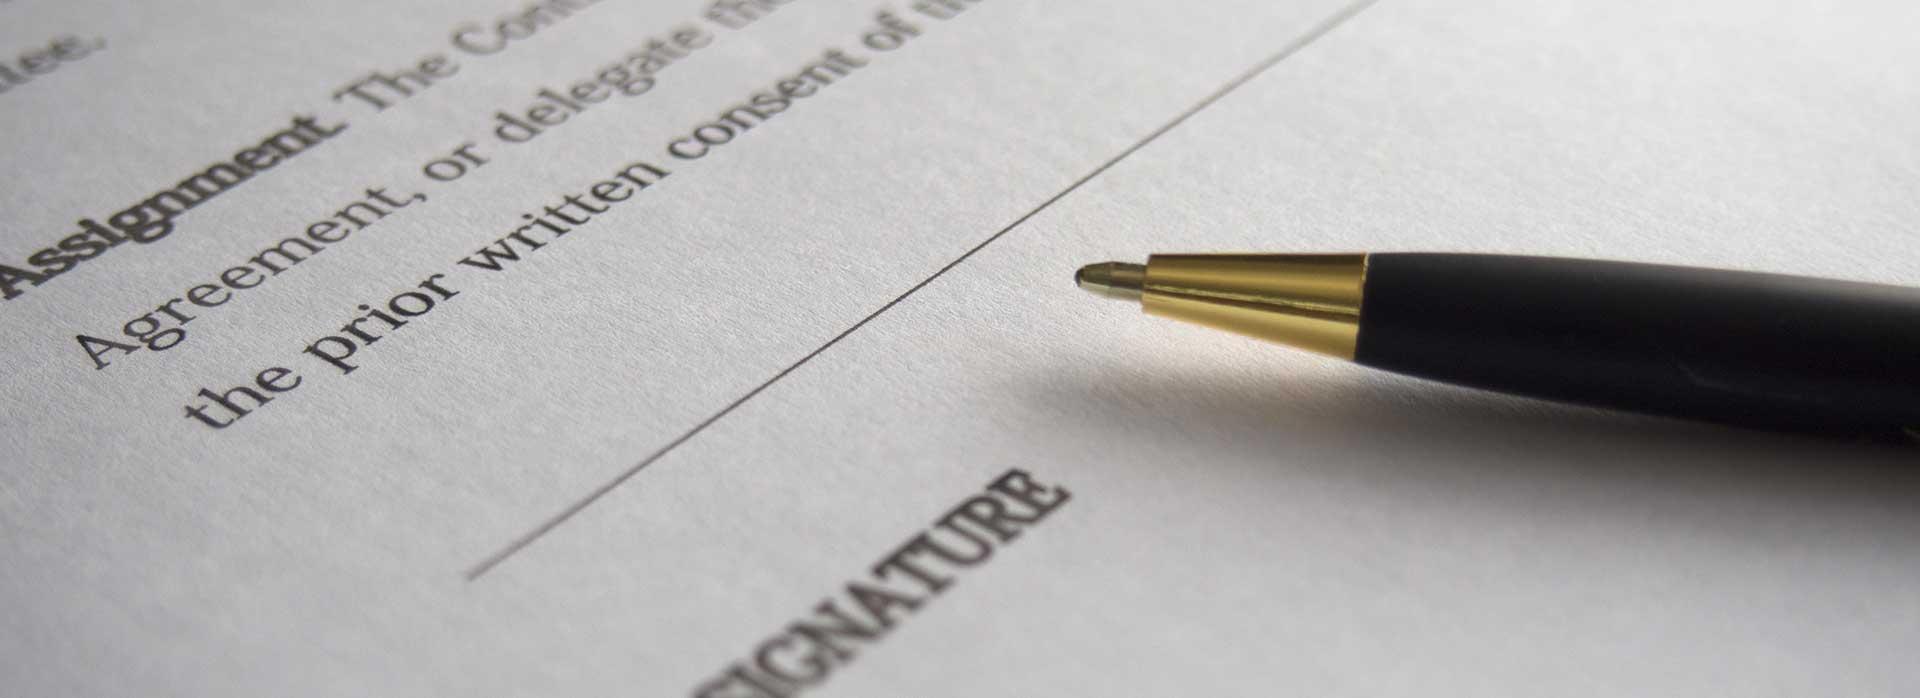 Beglaubigte Übersetzungen von Verträgen und anderen juristischen Dokumenten durch qualifizierte Übersetzer und Übersetzungsbüros